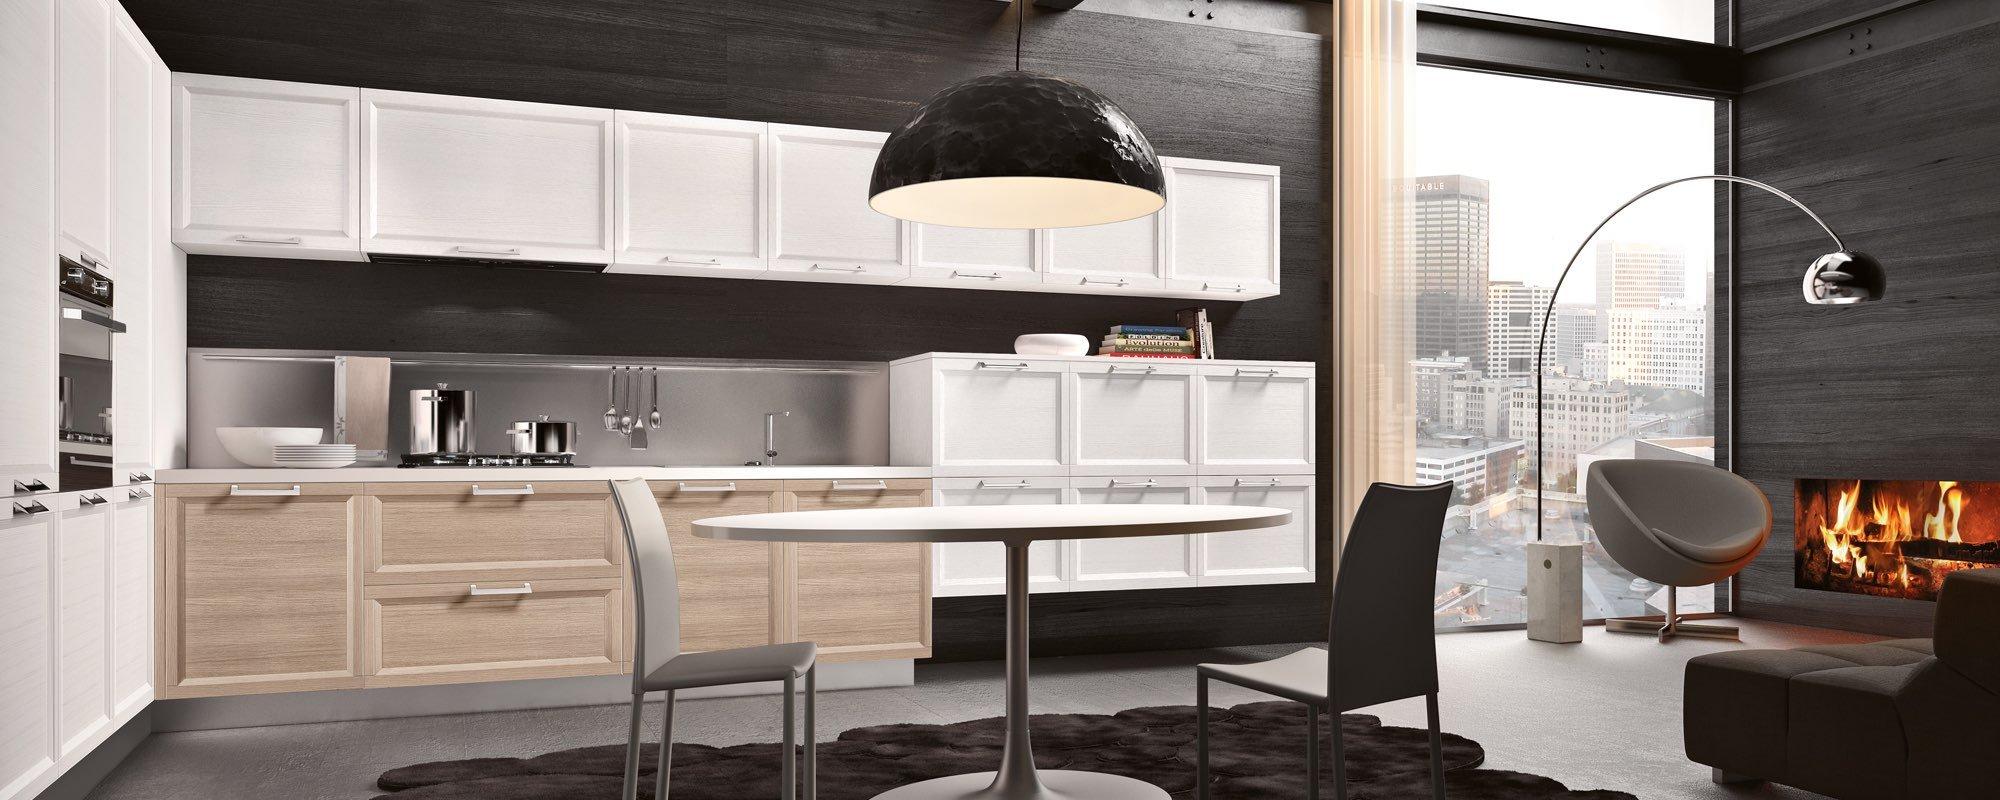 modello cucina -Malibù